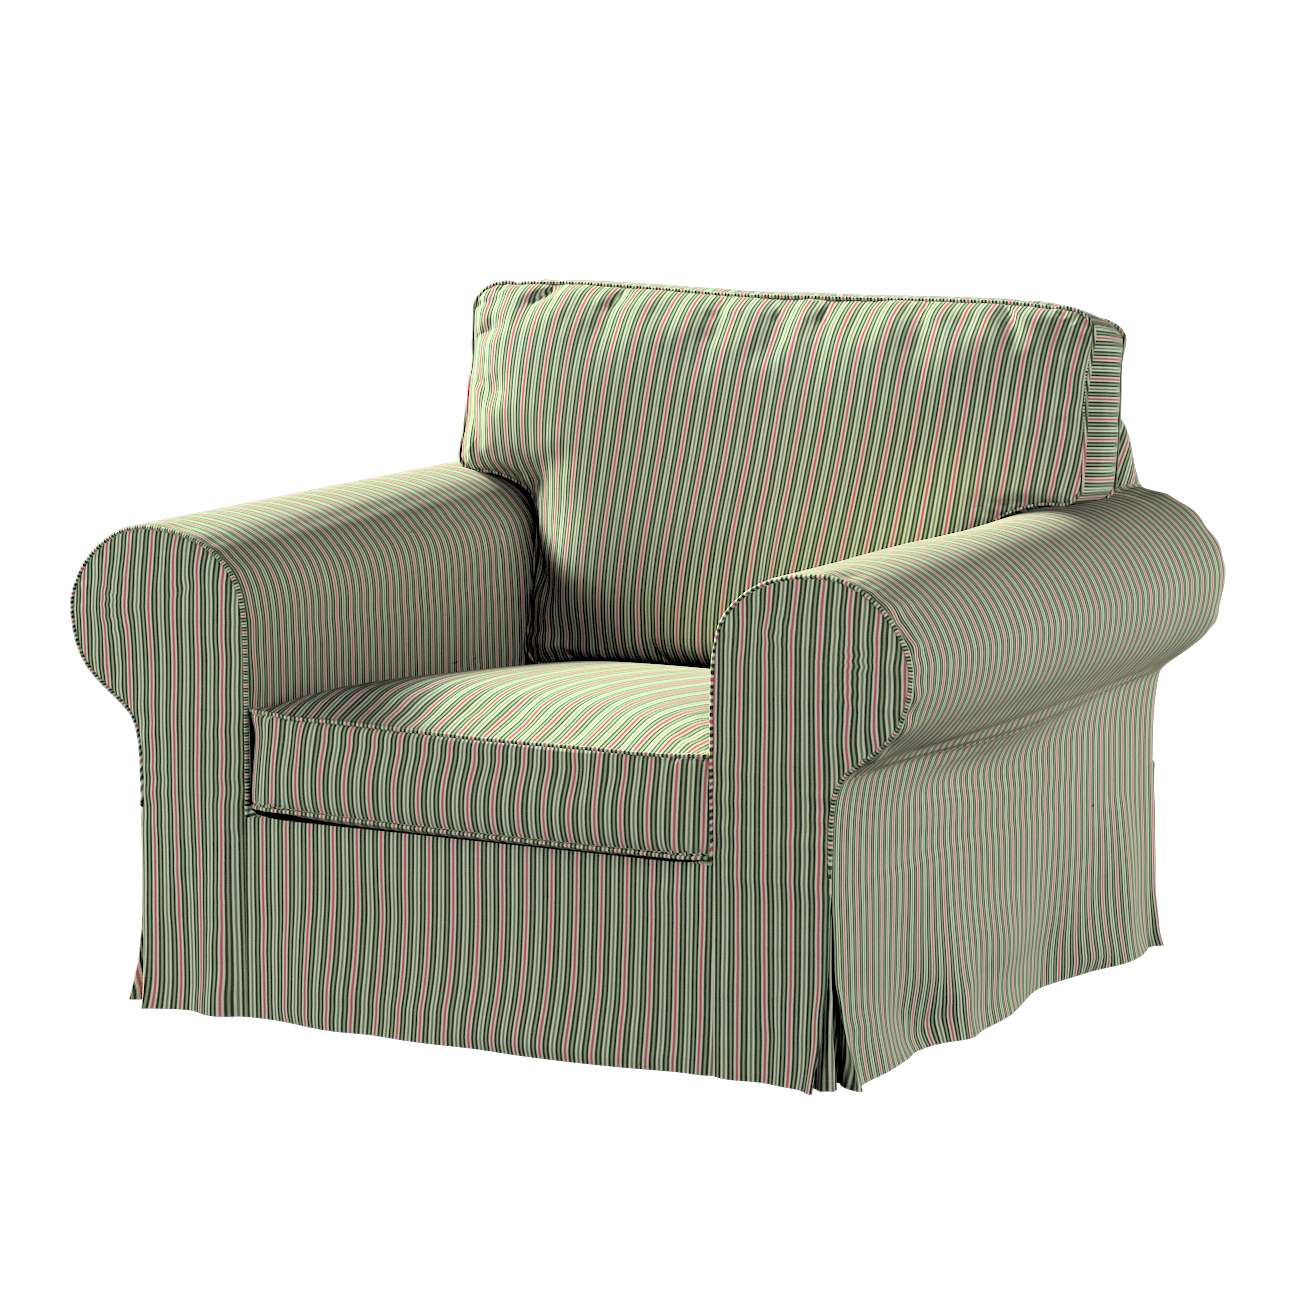 Pokrowiec na fotel Ektorp w kolekcji Londres, tkanina: 143-42